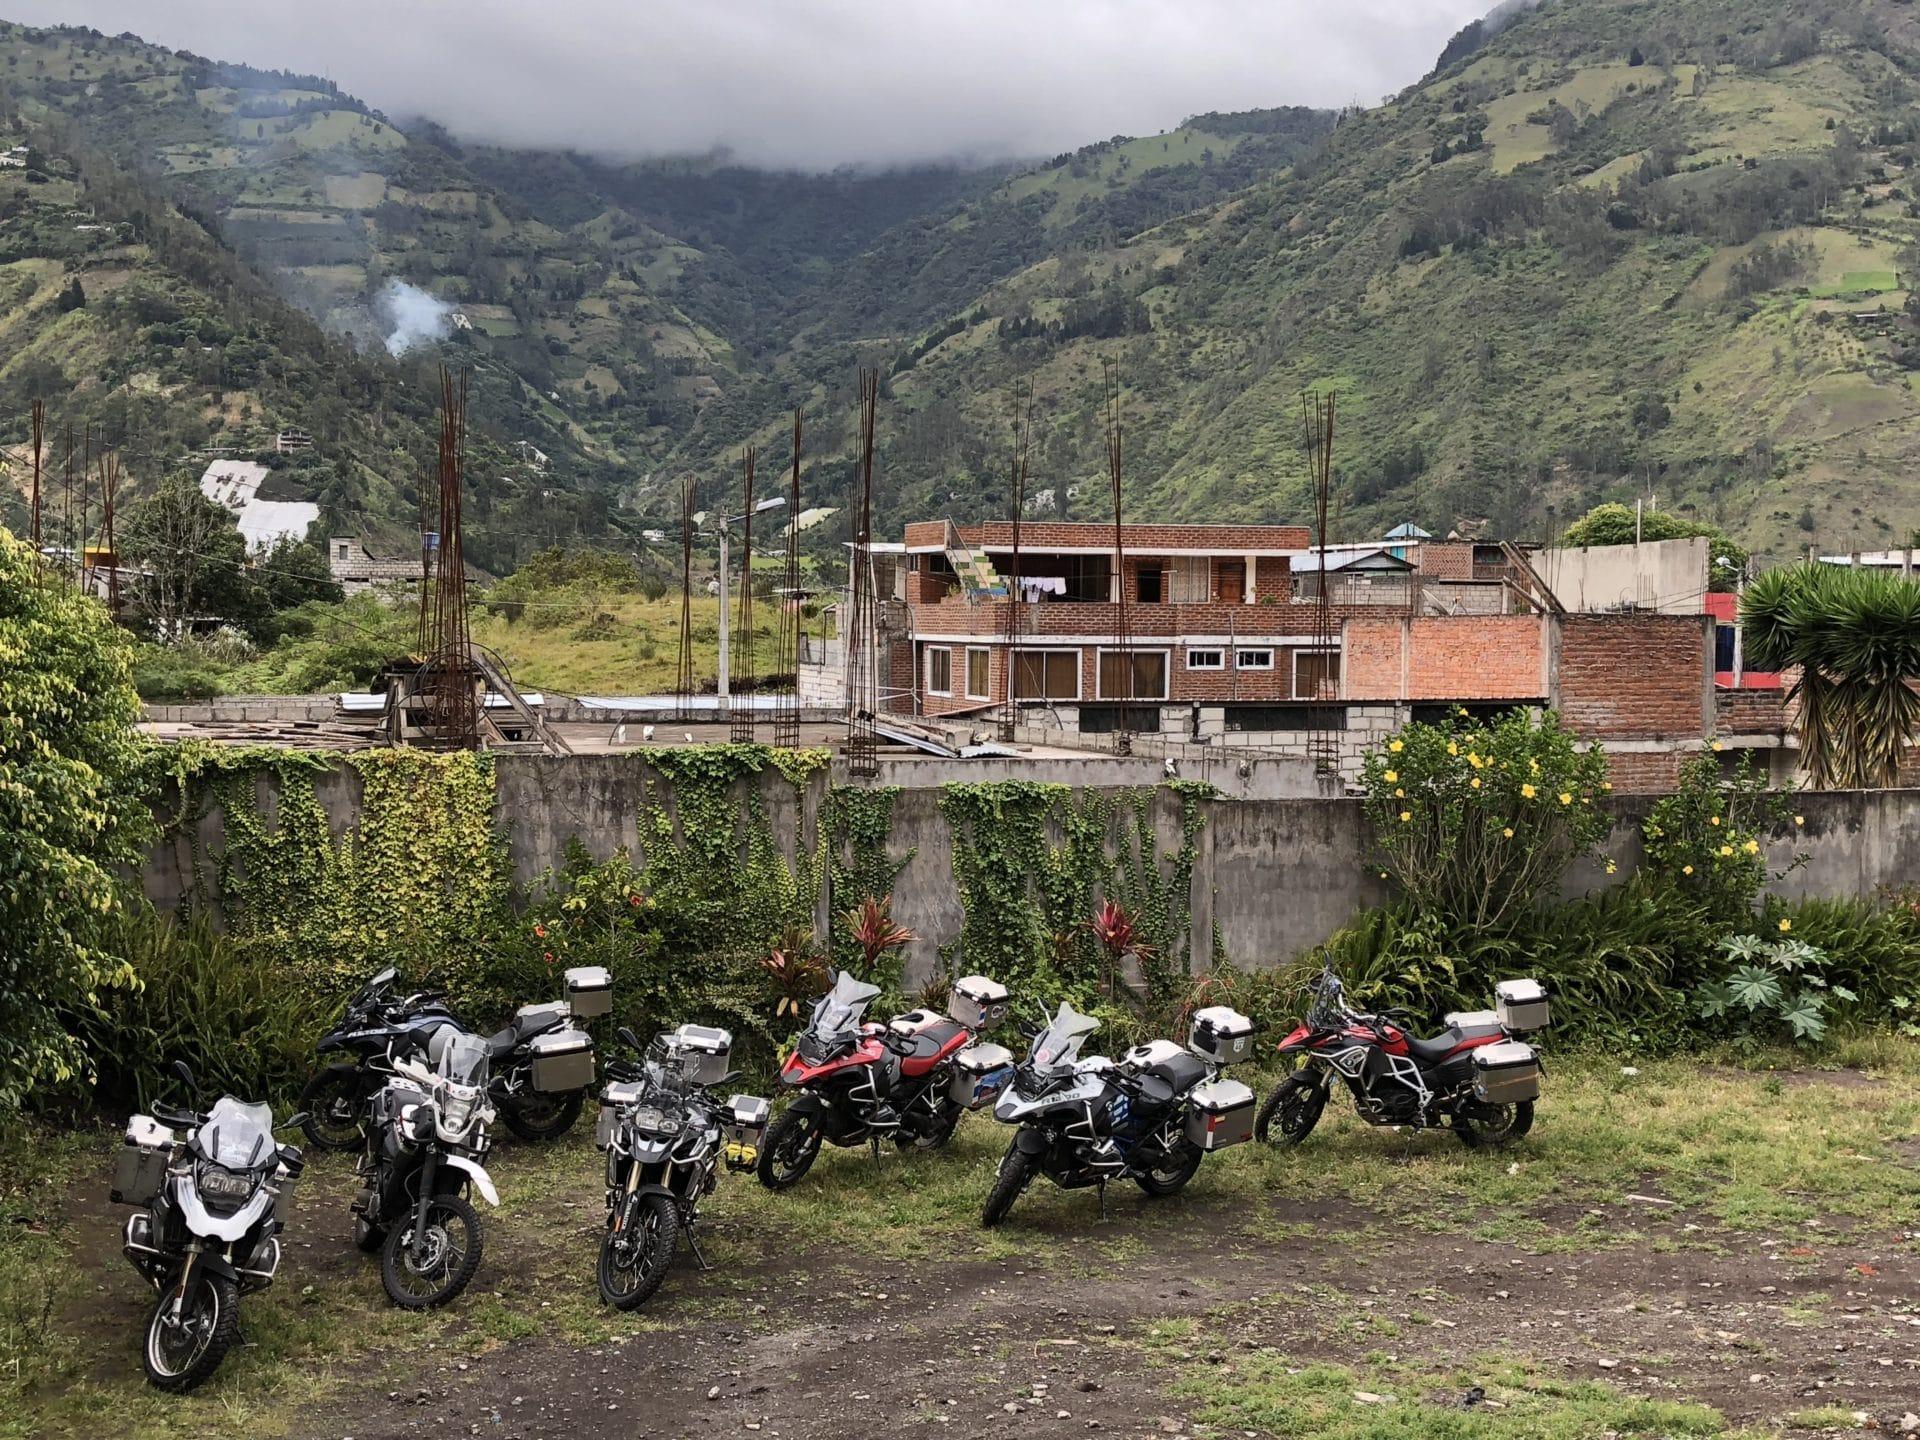 Bikes in back of hotel in Banos